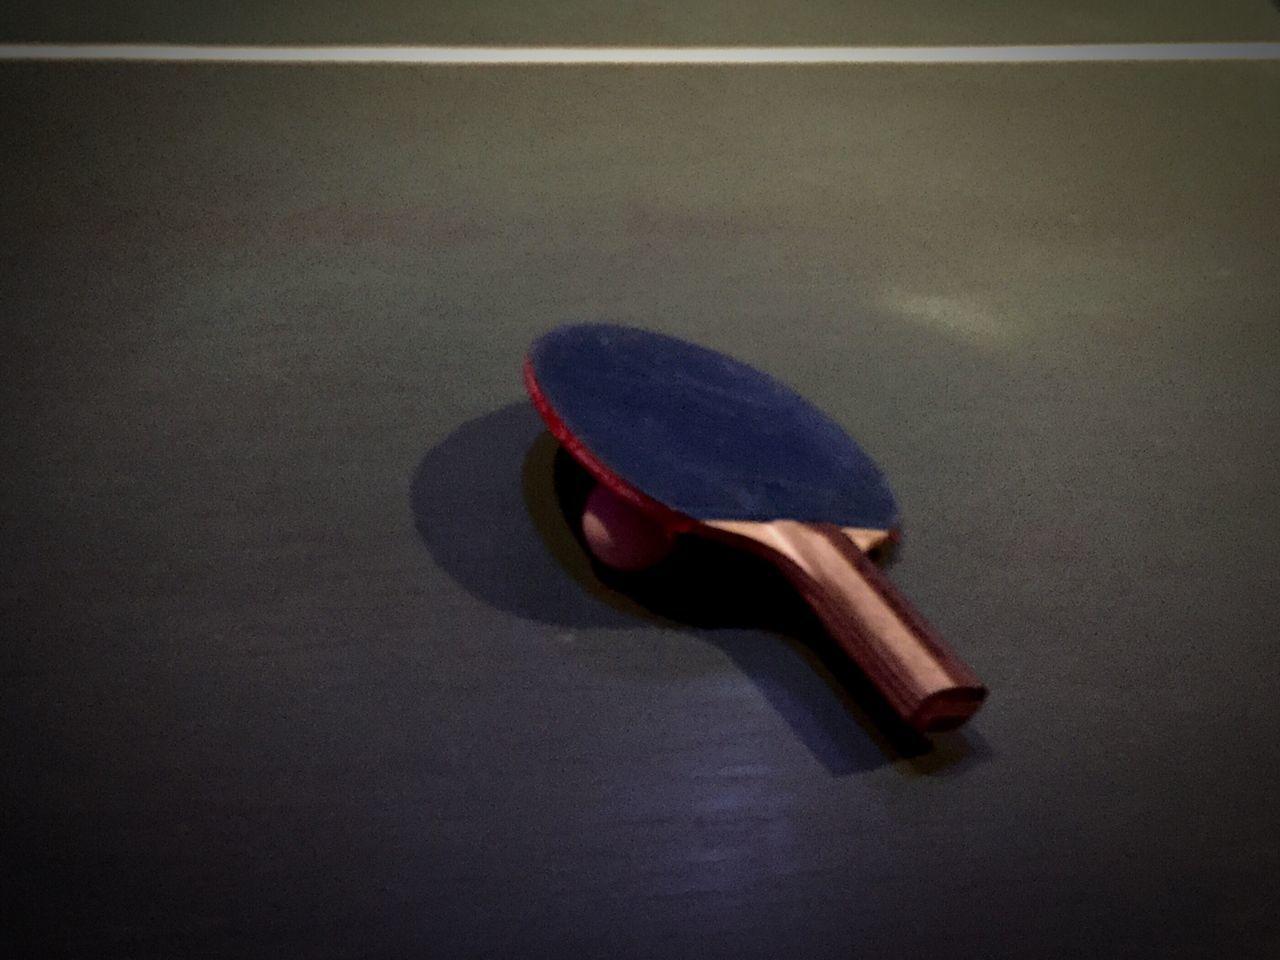 Ping Pong PingPongTime.. Pingpong Pingpongtable Rubadubdub Rubaclub Showcase April Paddle Ping_pong_ball Shadow And Light Tabletennis